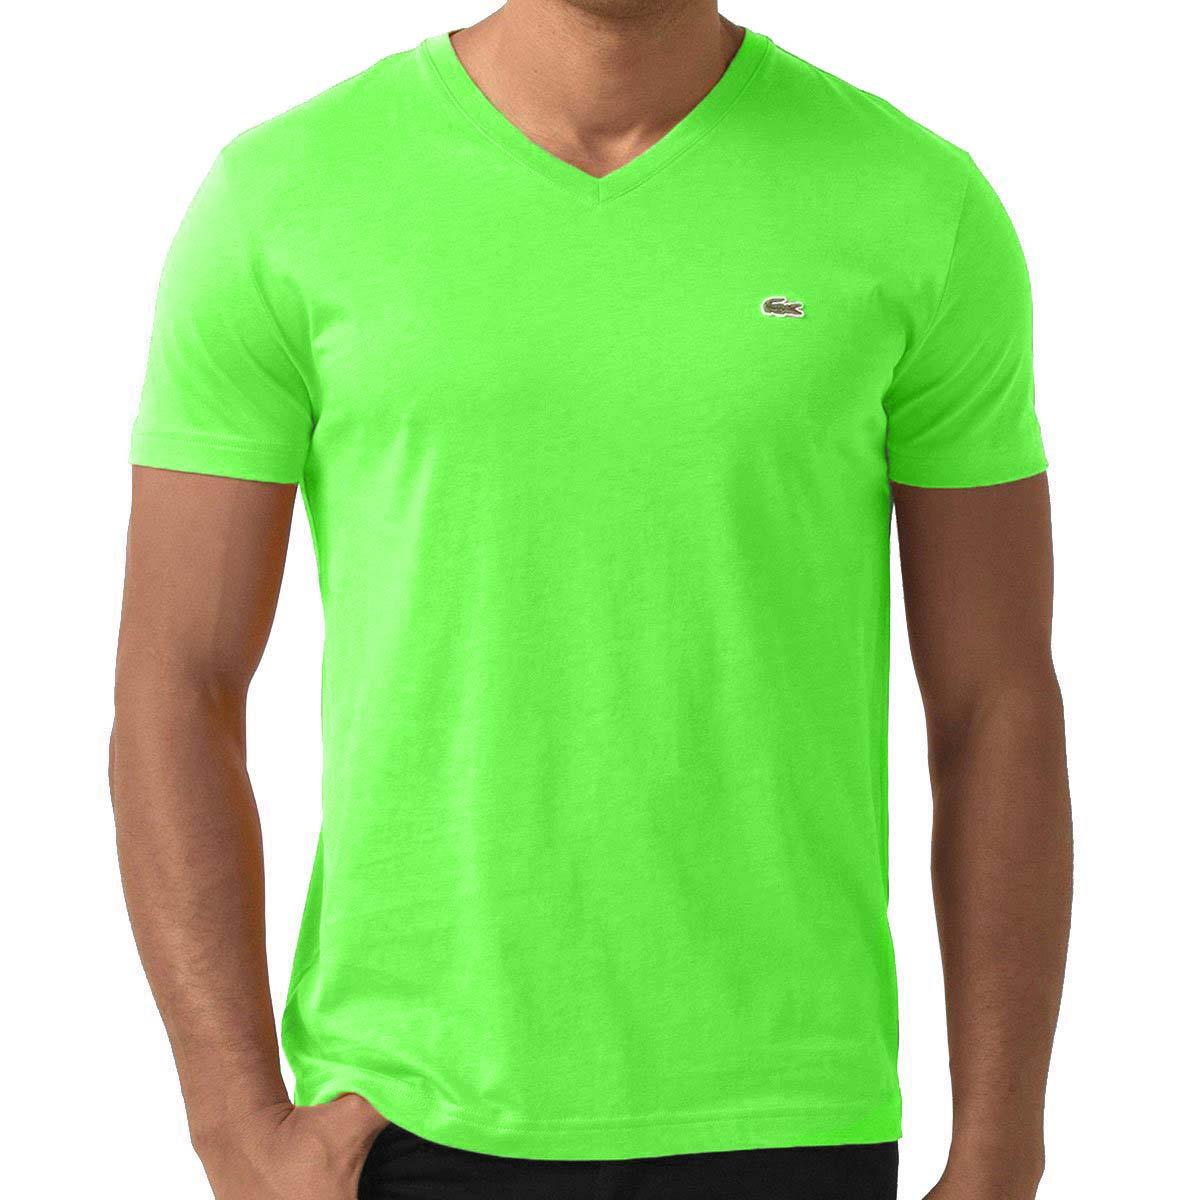 lacoste mens short sleeve v neck pima cotton t shirt. Black Bedroom Furniture Sets. Home Design Ideas